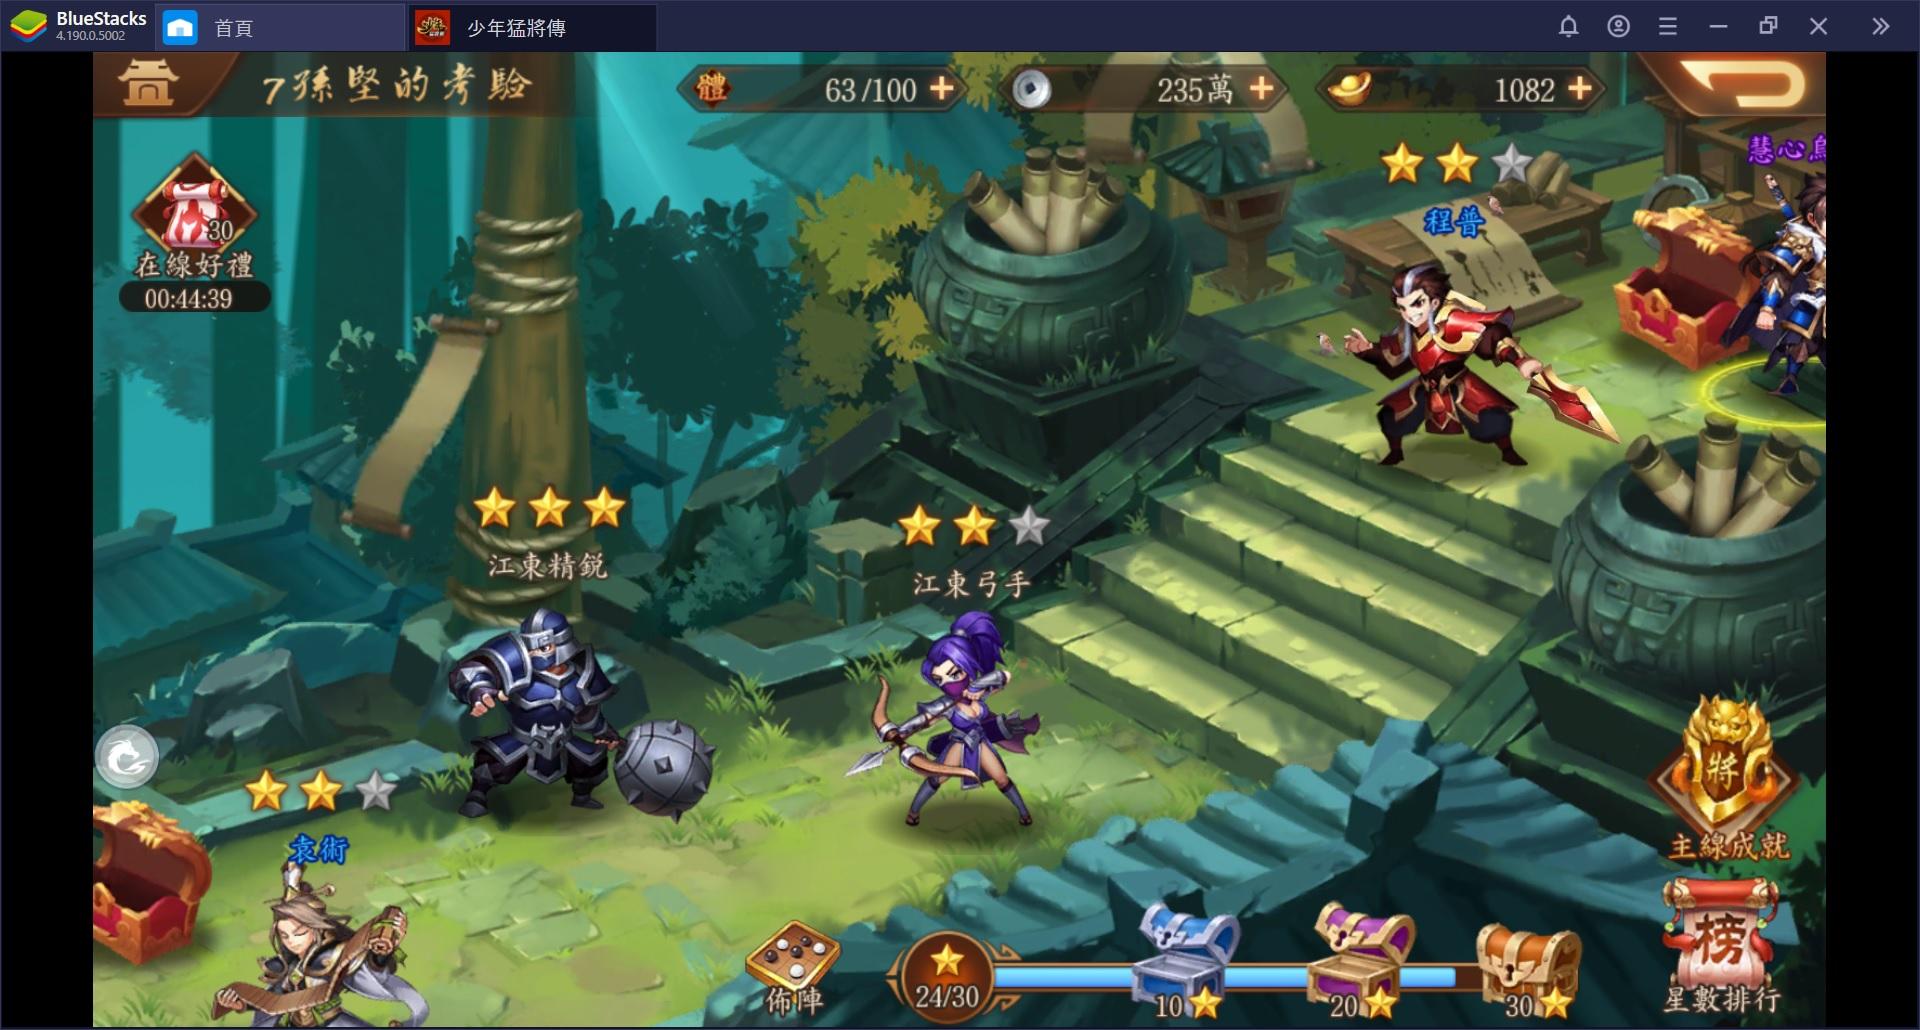 使用BlueStacks在電腦上體驗三國卡牌RPG《少年猛將傳》